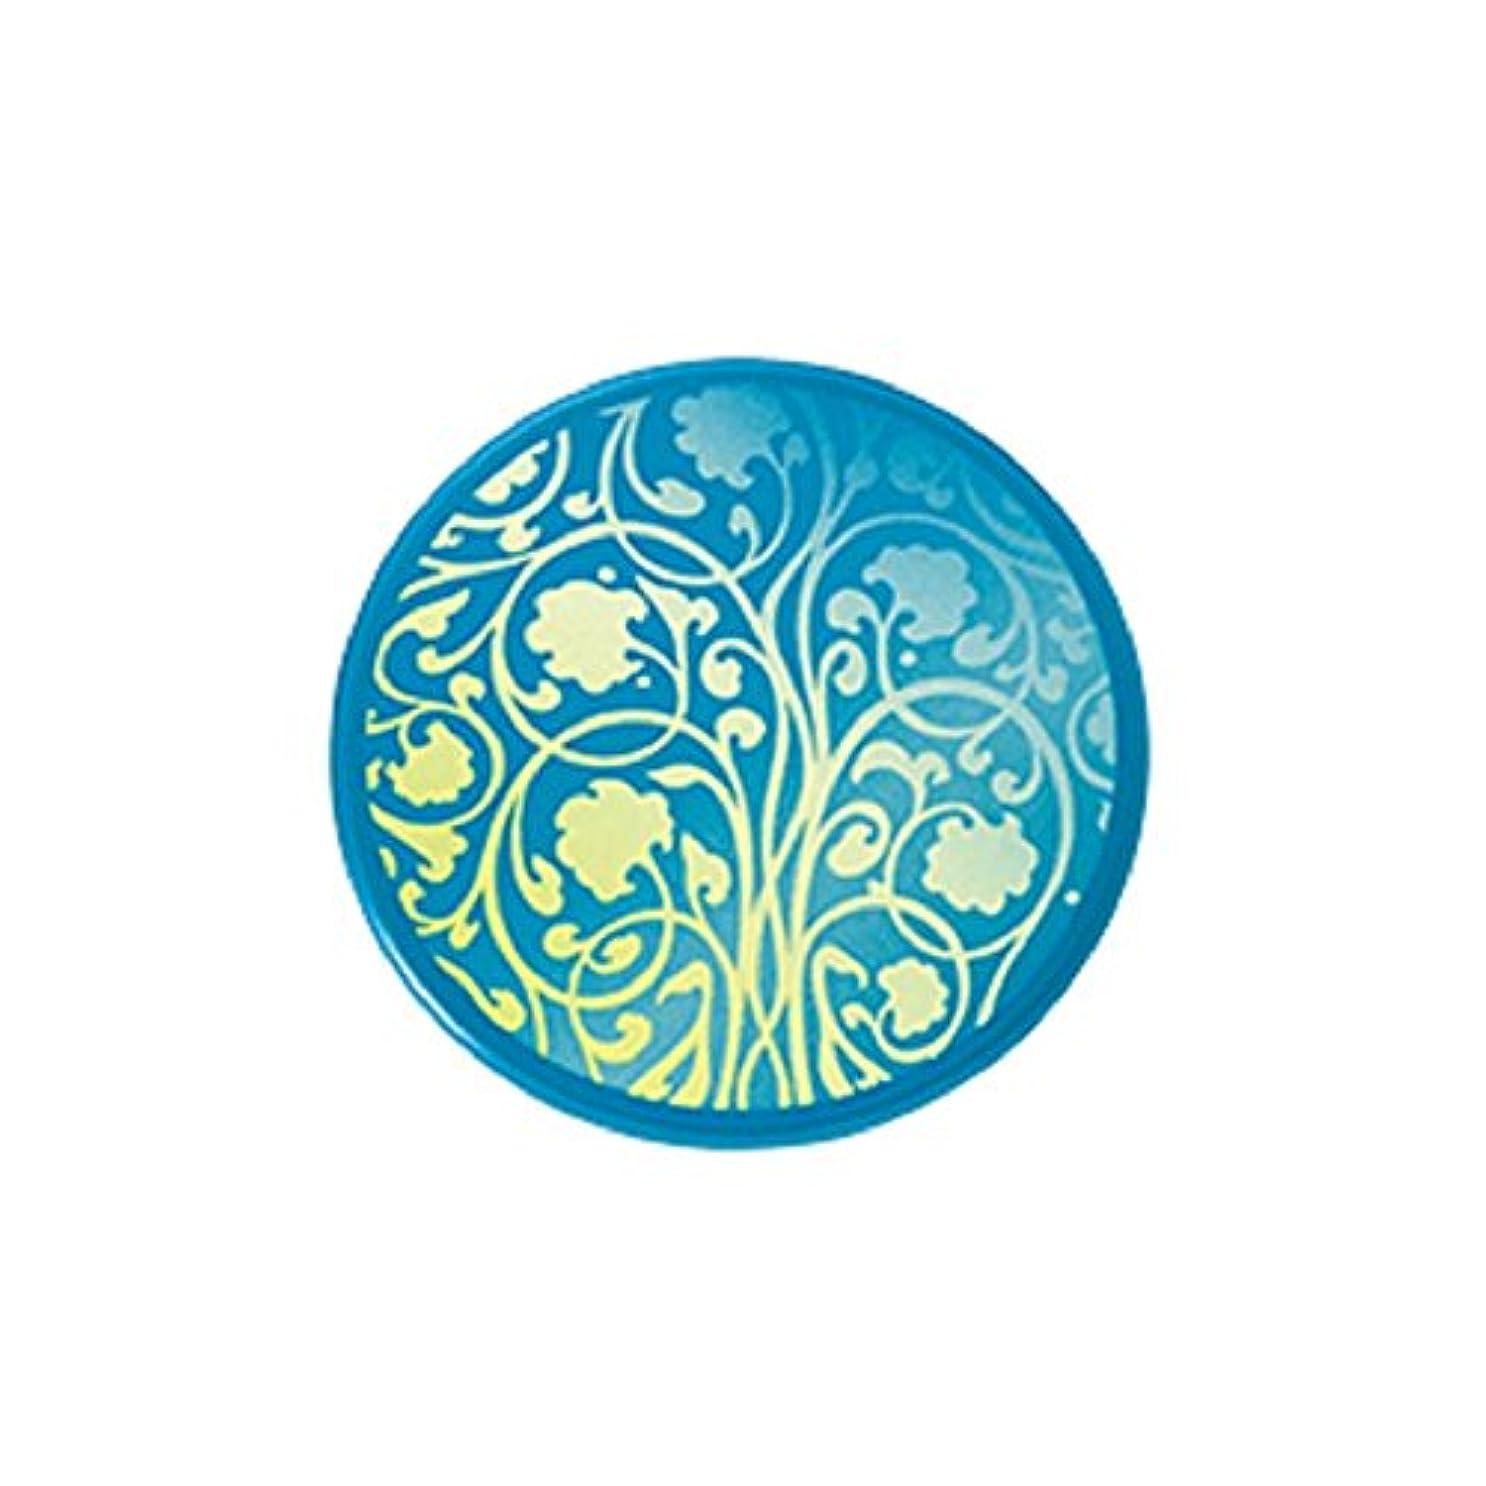 追う緑アラブアユーラ (AYURA) ウェルフィット アロマバーム 14g 〈ソリッドパヒューム〉 心地よい森林の香気